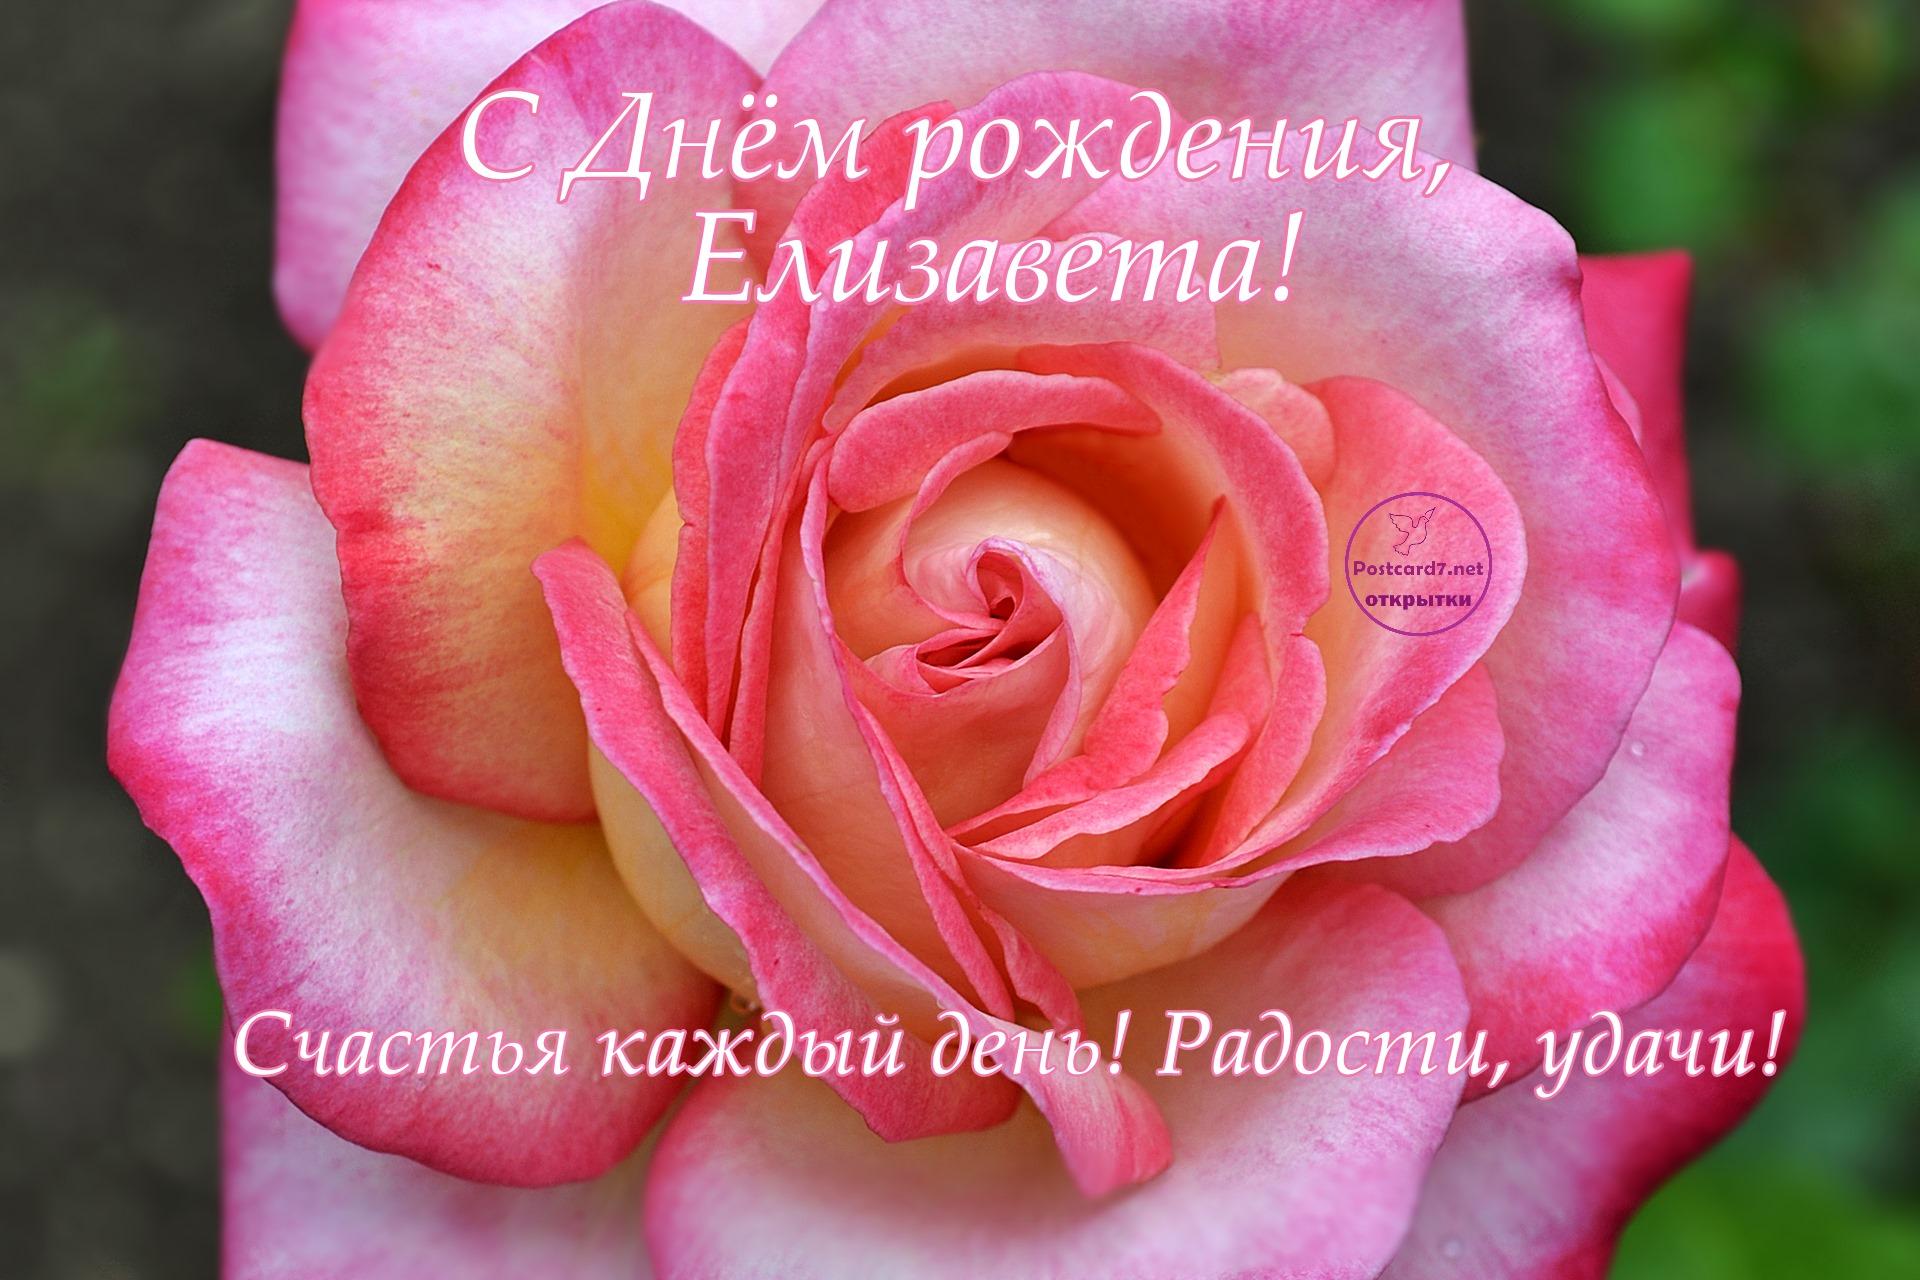 Поздравления с днем рождения елизавета картинки, февраля